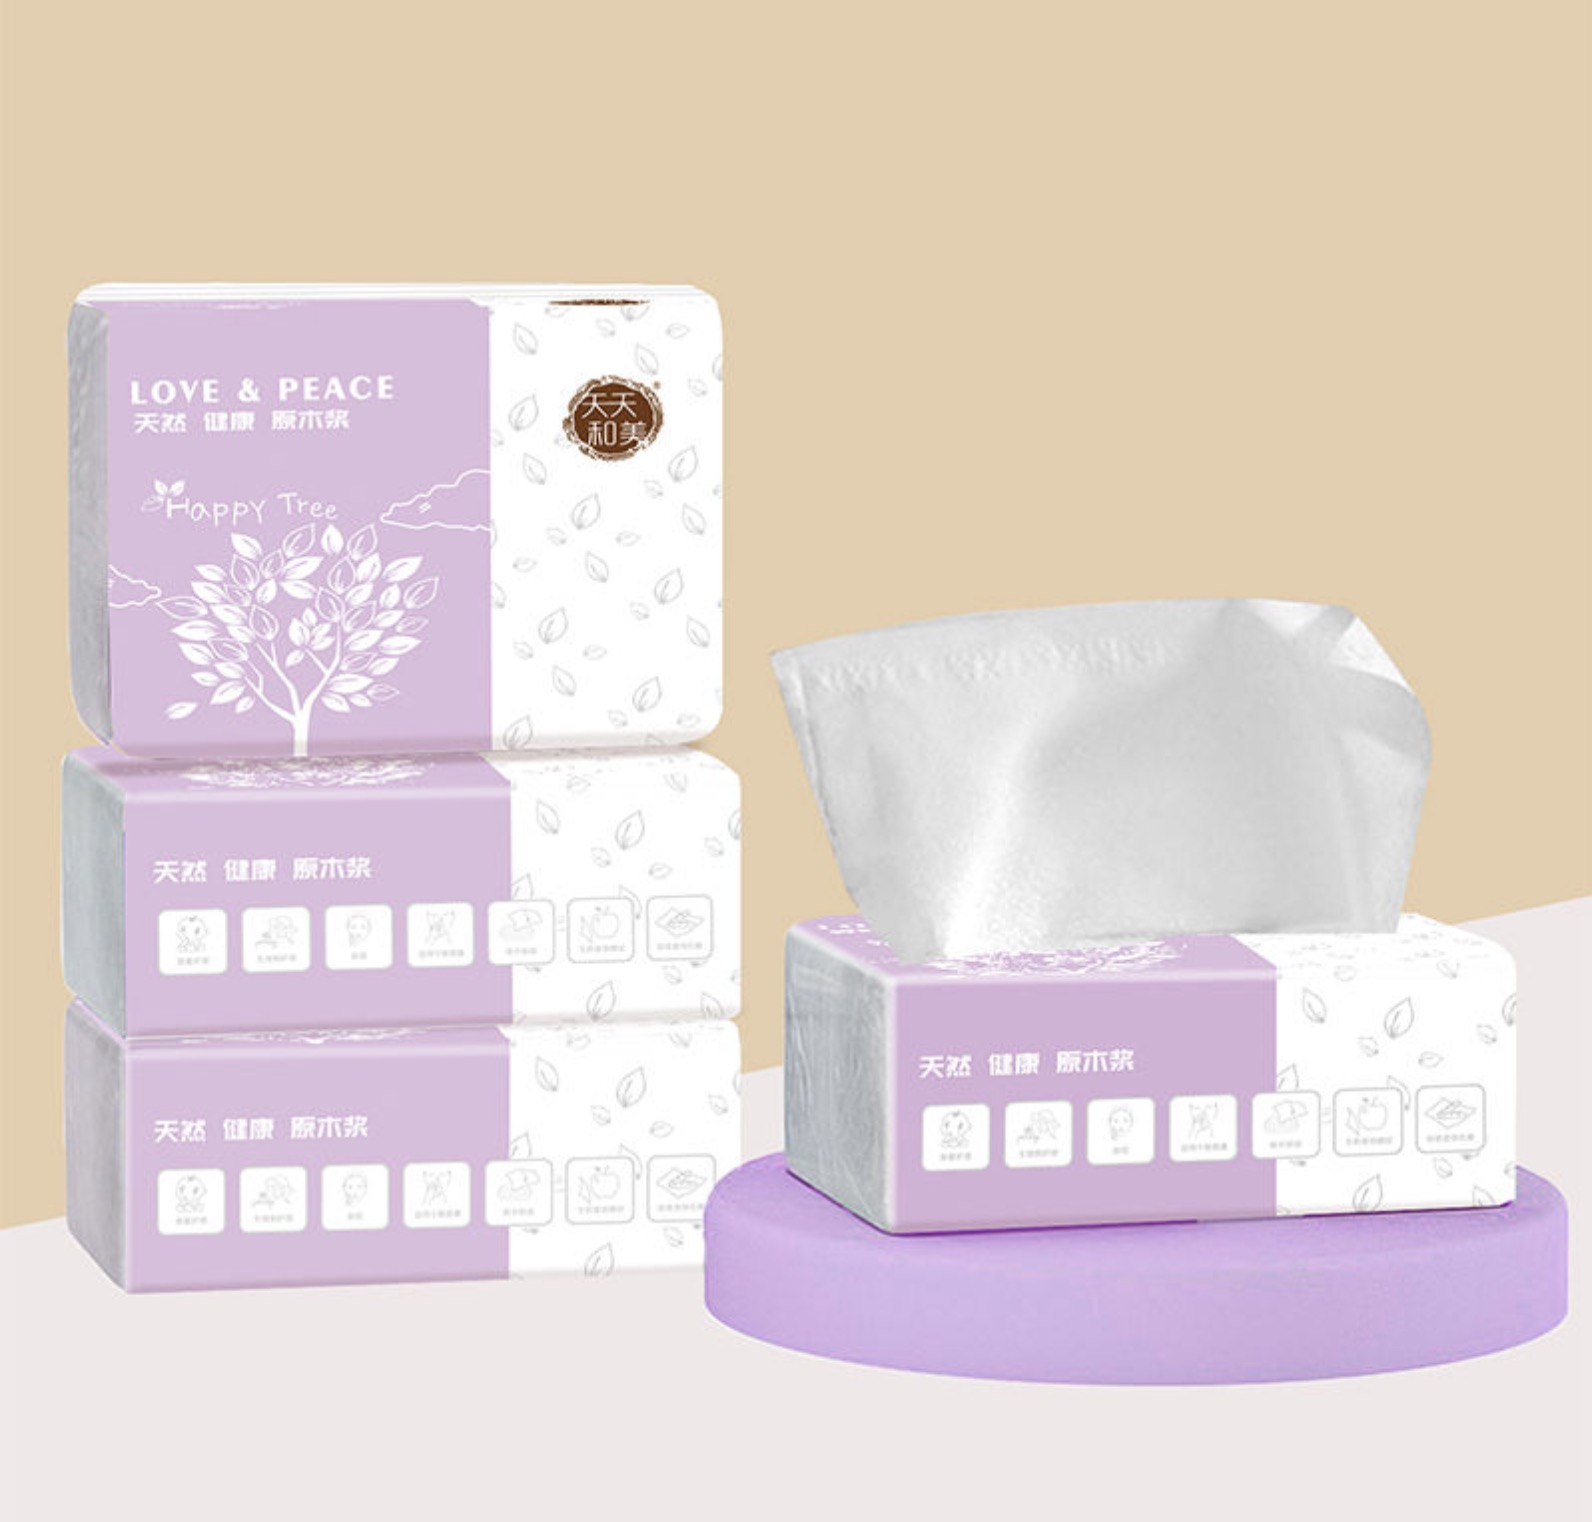 天天和美 原木抽纸4包母婴加厚柔韧家用实惠装纸巾餐巾纸面巾纸